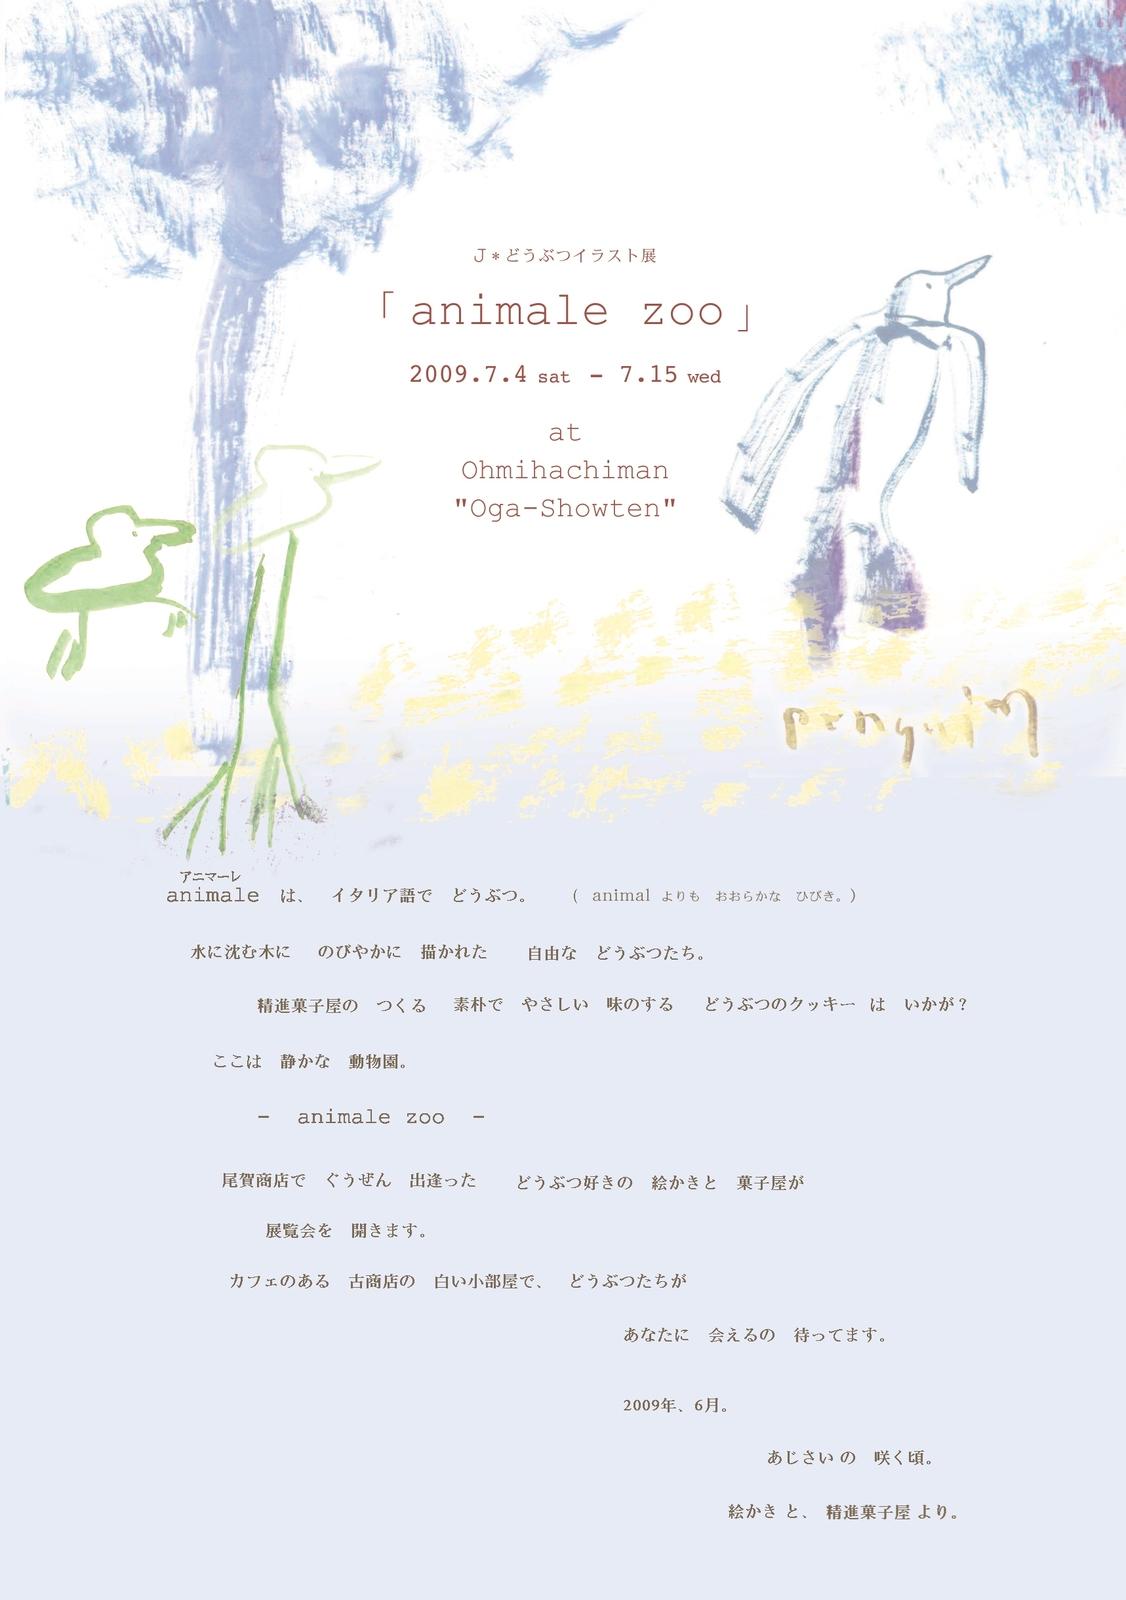 Animale_zoo_00